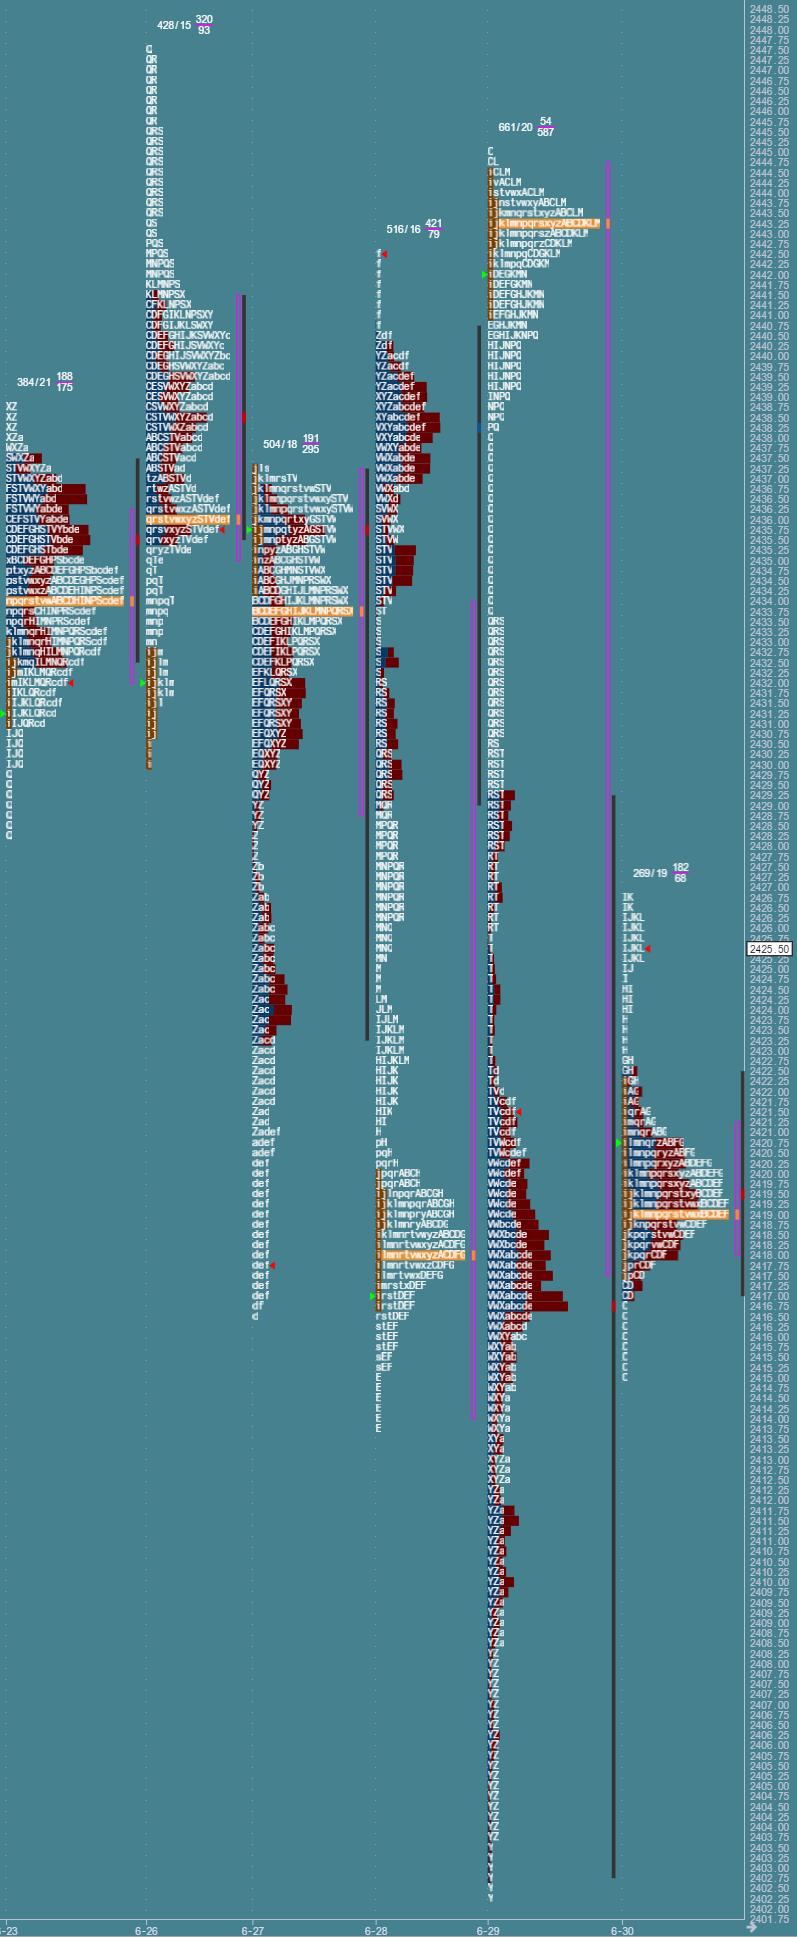 Przygotowanie do sesji: market profile z 30 czerwca